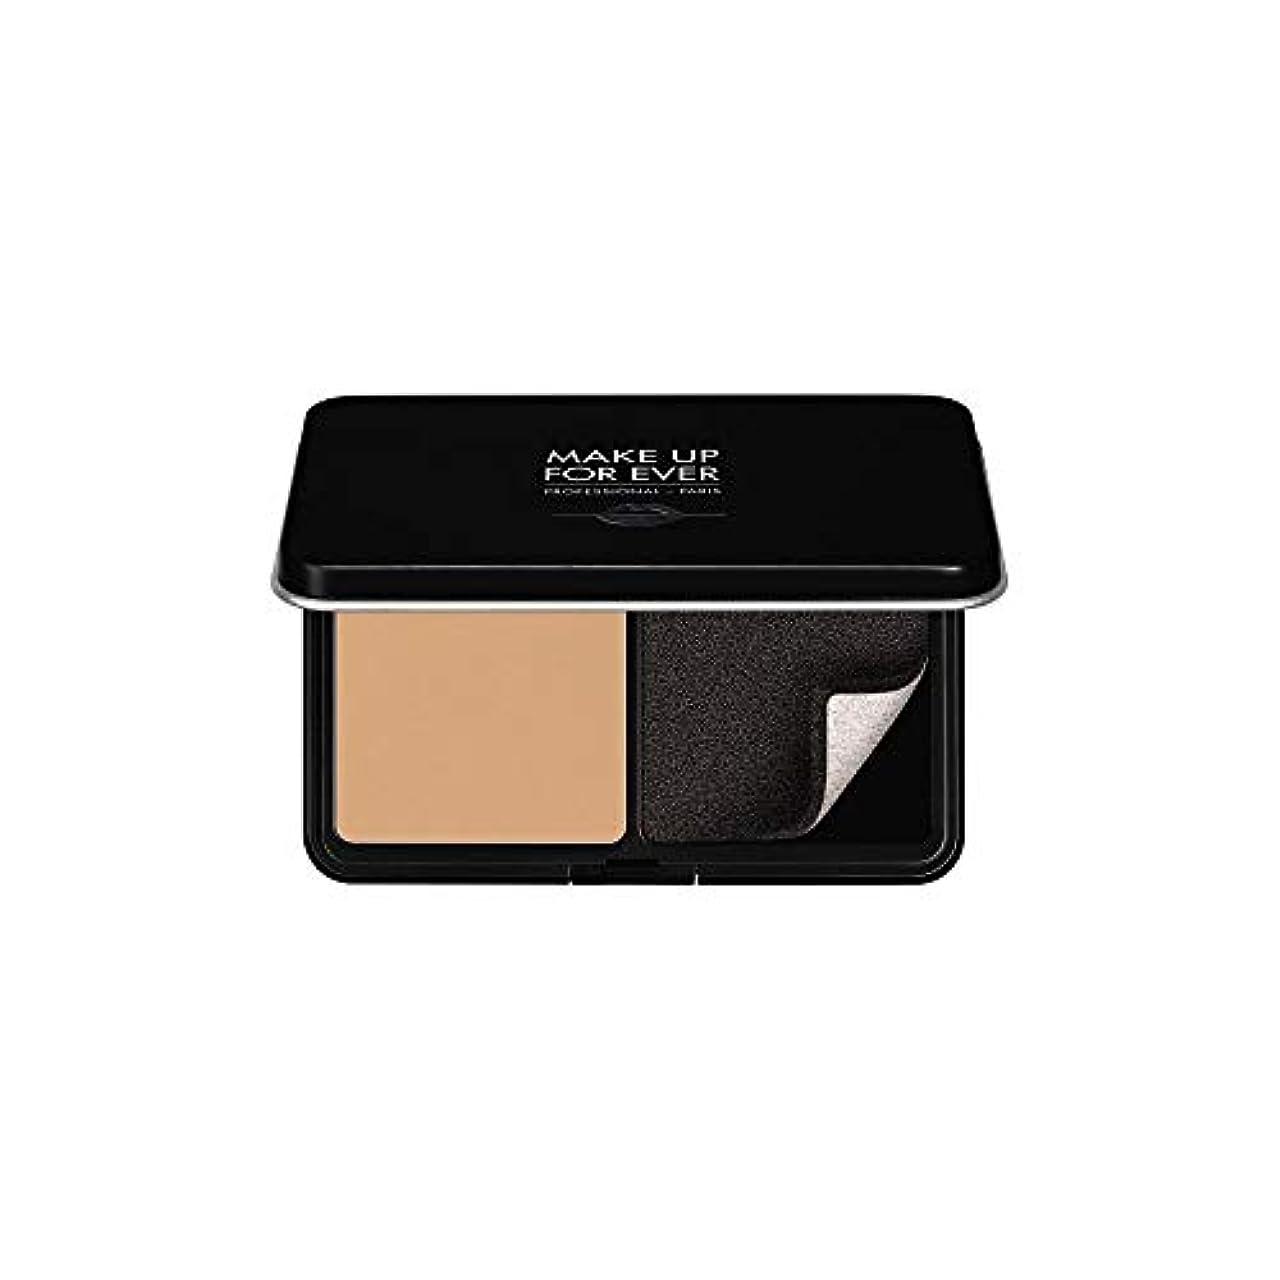 バーベキュー倫理法令メイクアップフォーエバー Matte Velvet Skin Blurring Powder Foundation - # Y355 (Neutral Beige) 11g/0.38oz並行輸入品